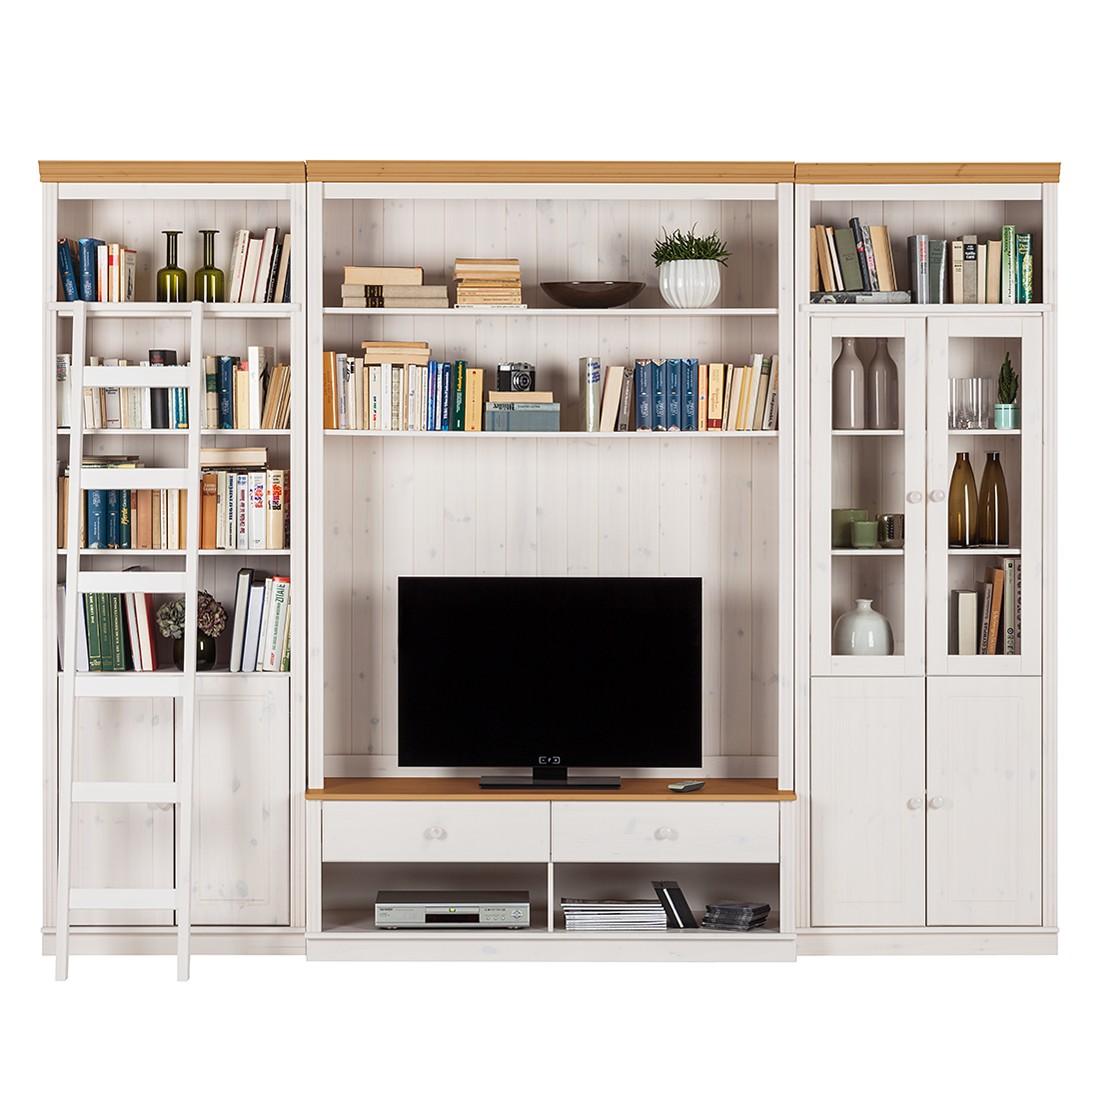 Home 24 - Ensemble de meubles tv lillehammer iii (3 éléments) - pin massif - epicéa blanc / epicéa, maison belfort